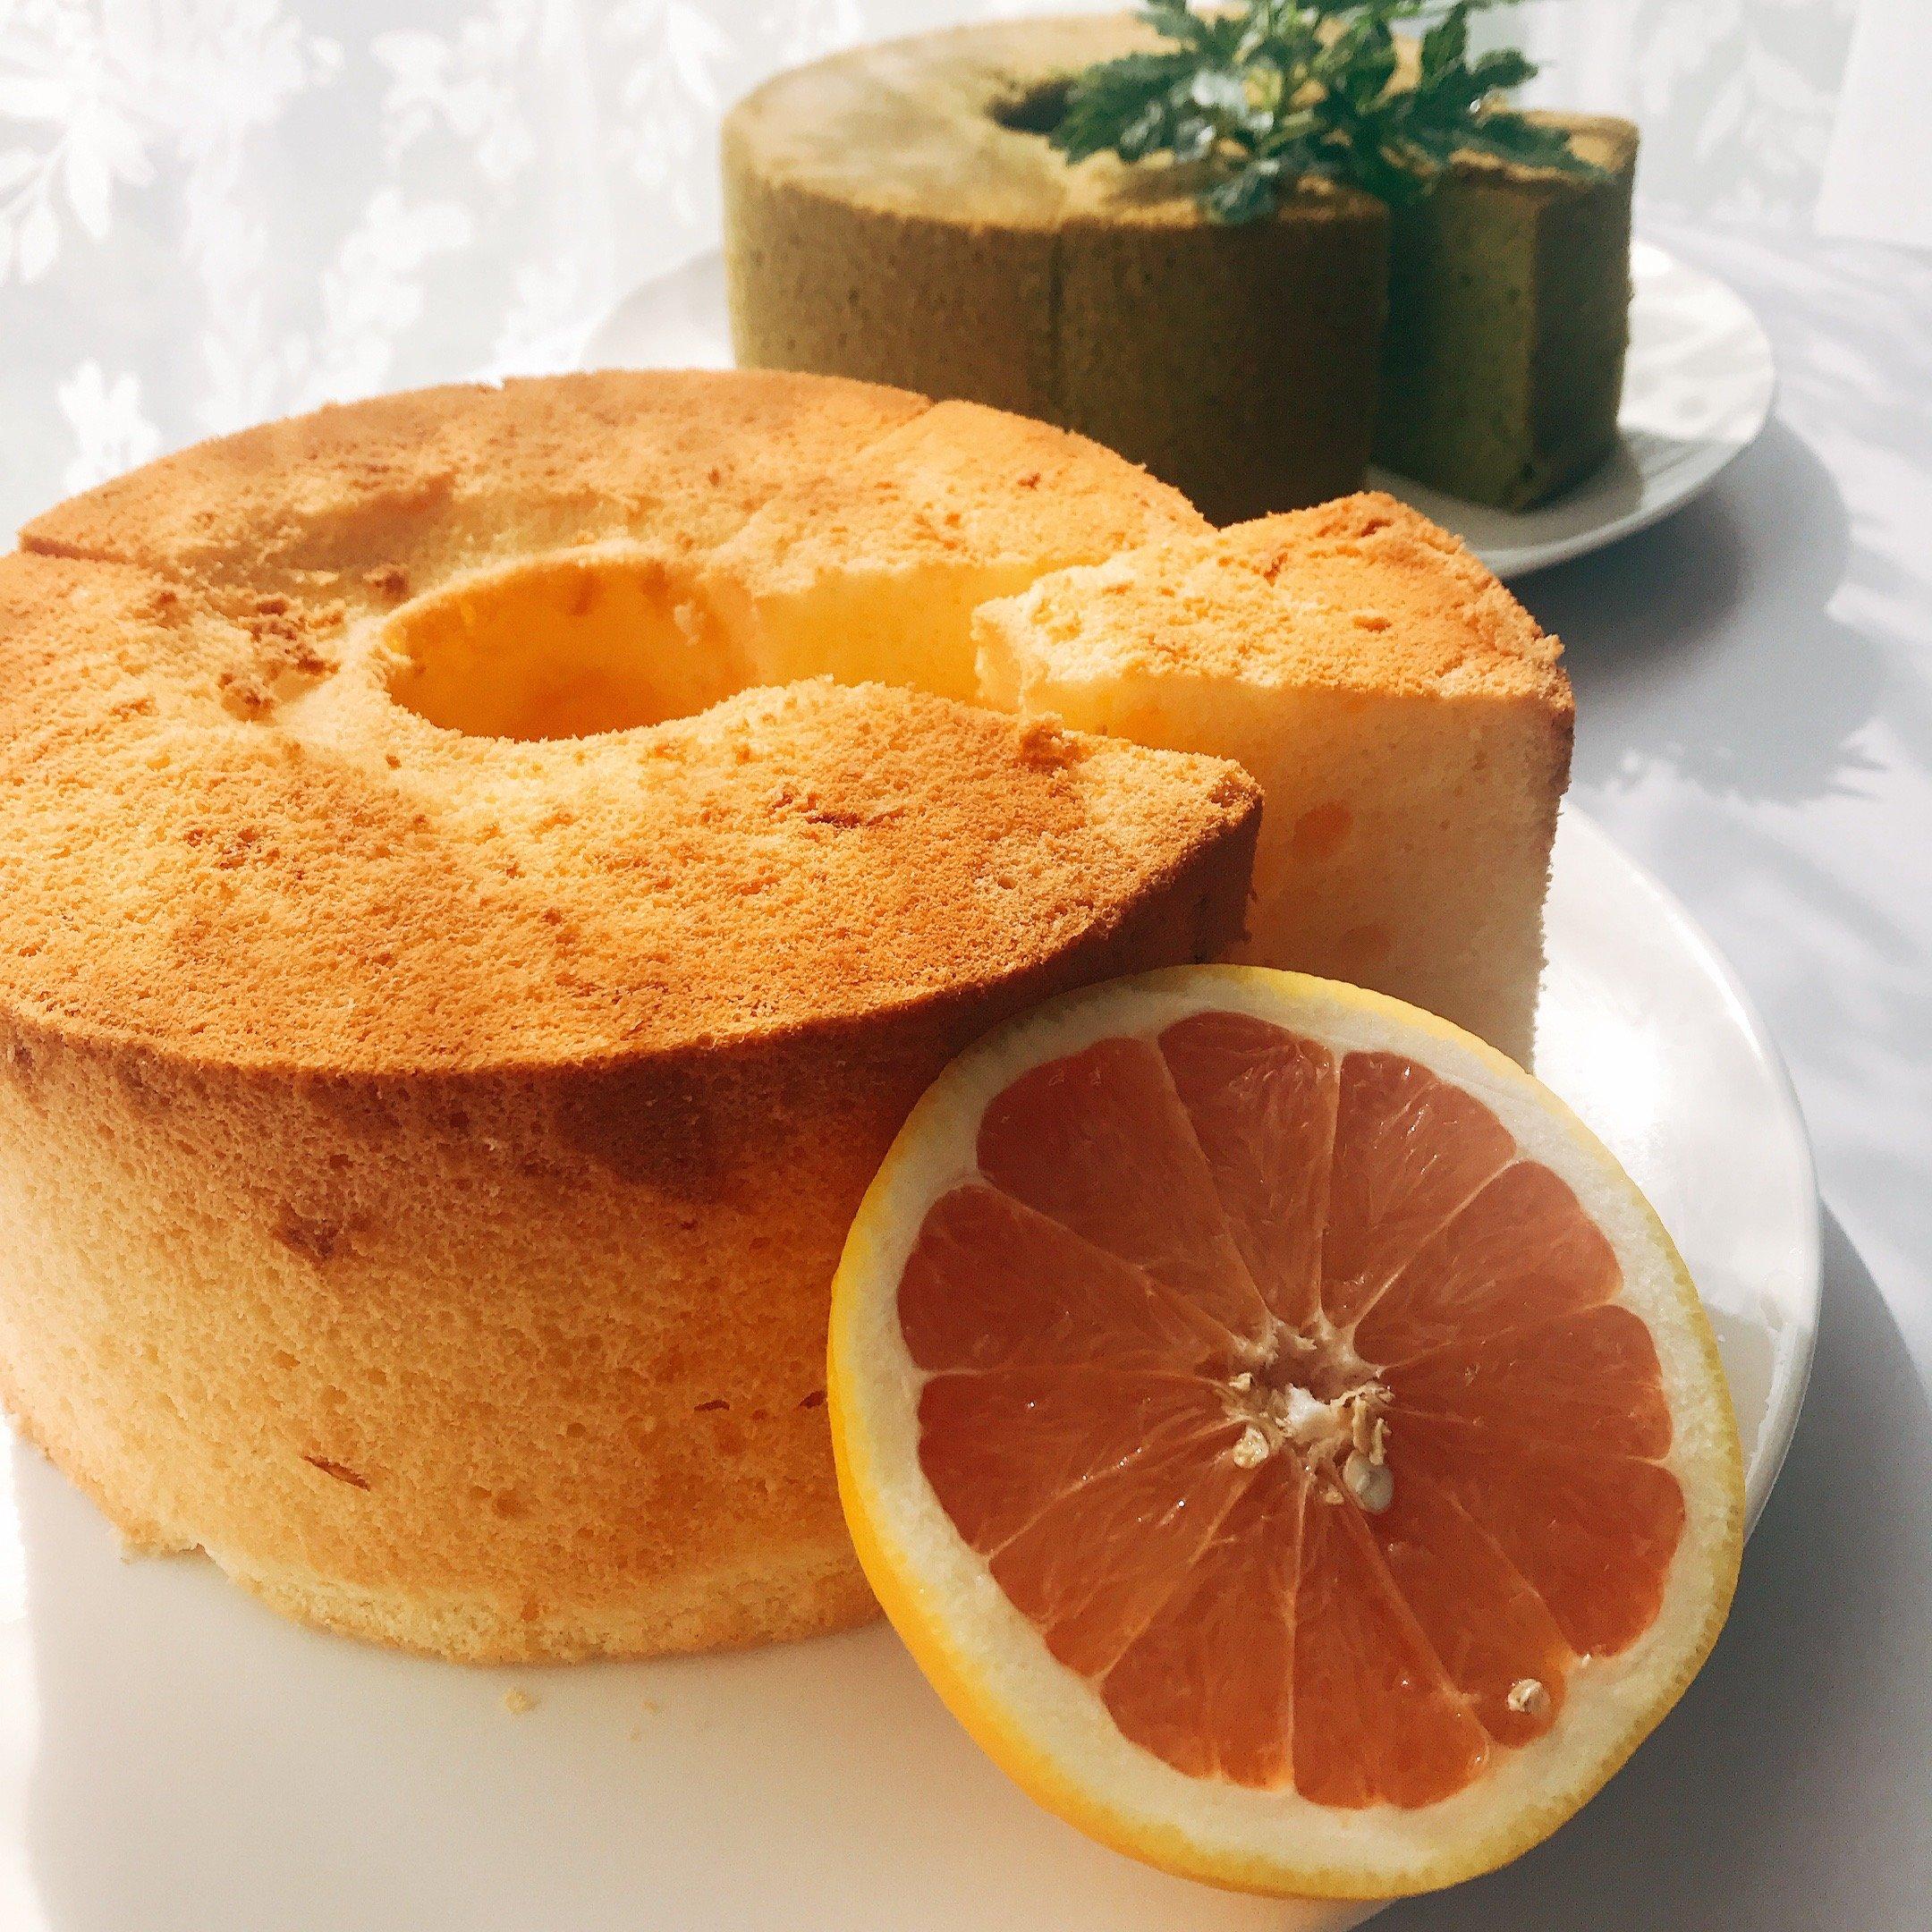 野菜がとびきり美味しい「重ね煮」全4回コース (基本の重ね煮〜作り置きから広がるアレンジメニュー)のイメージその6